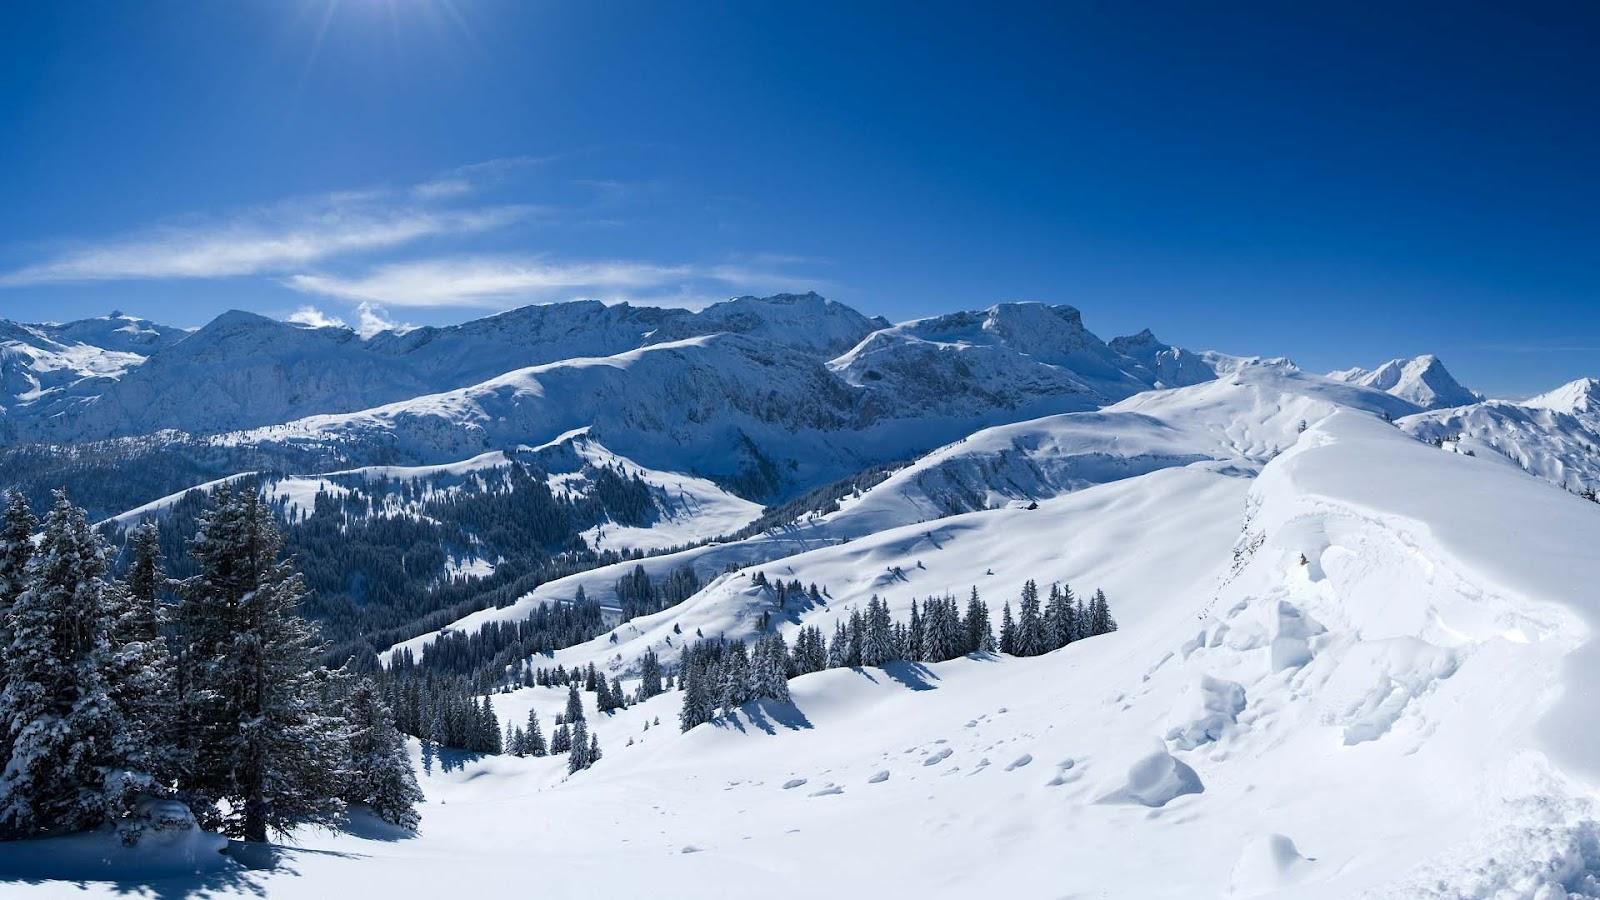 Winter wallpaper met bergen en veel sneeuw HD winter achtergrond 1600x900